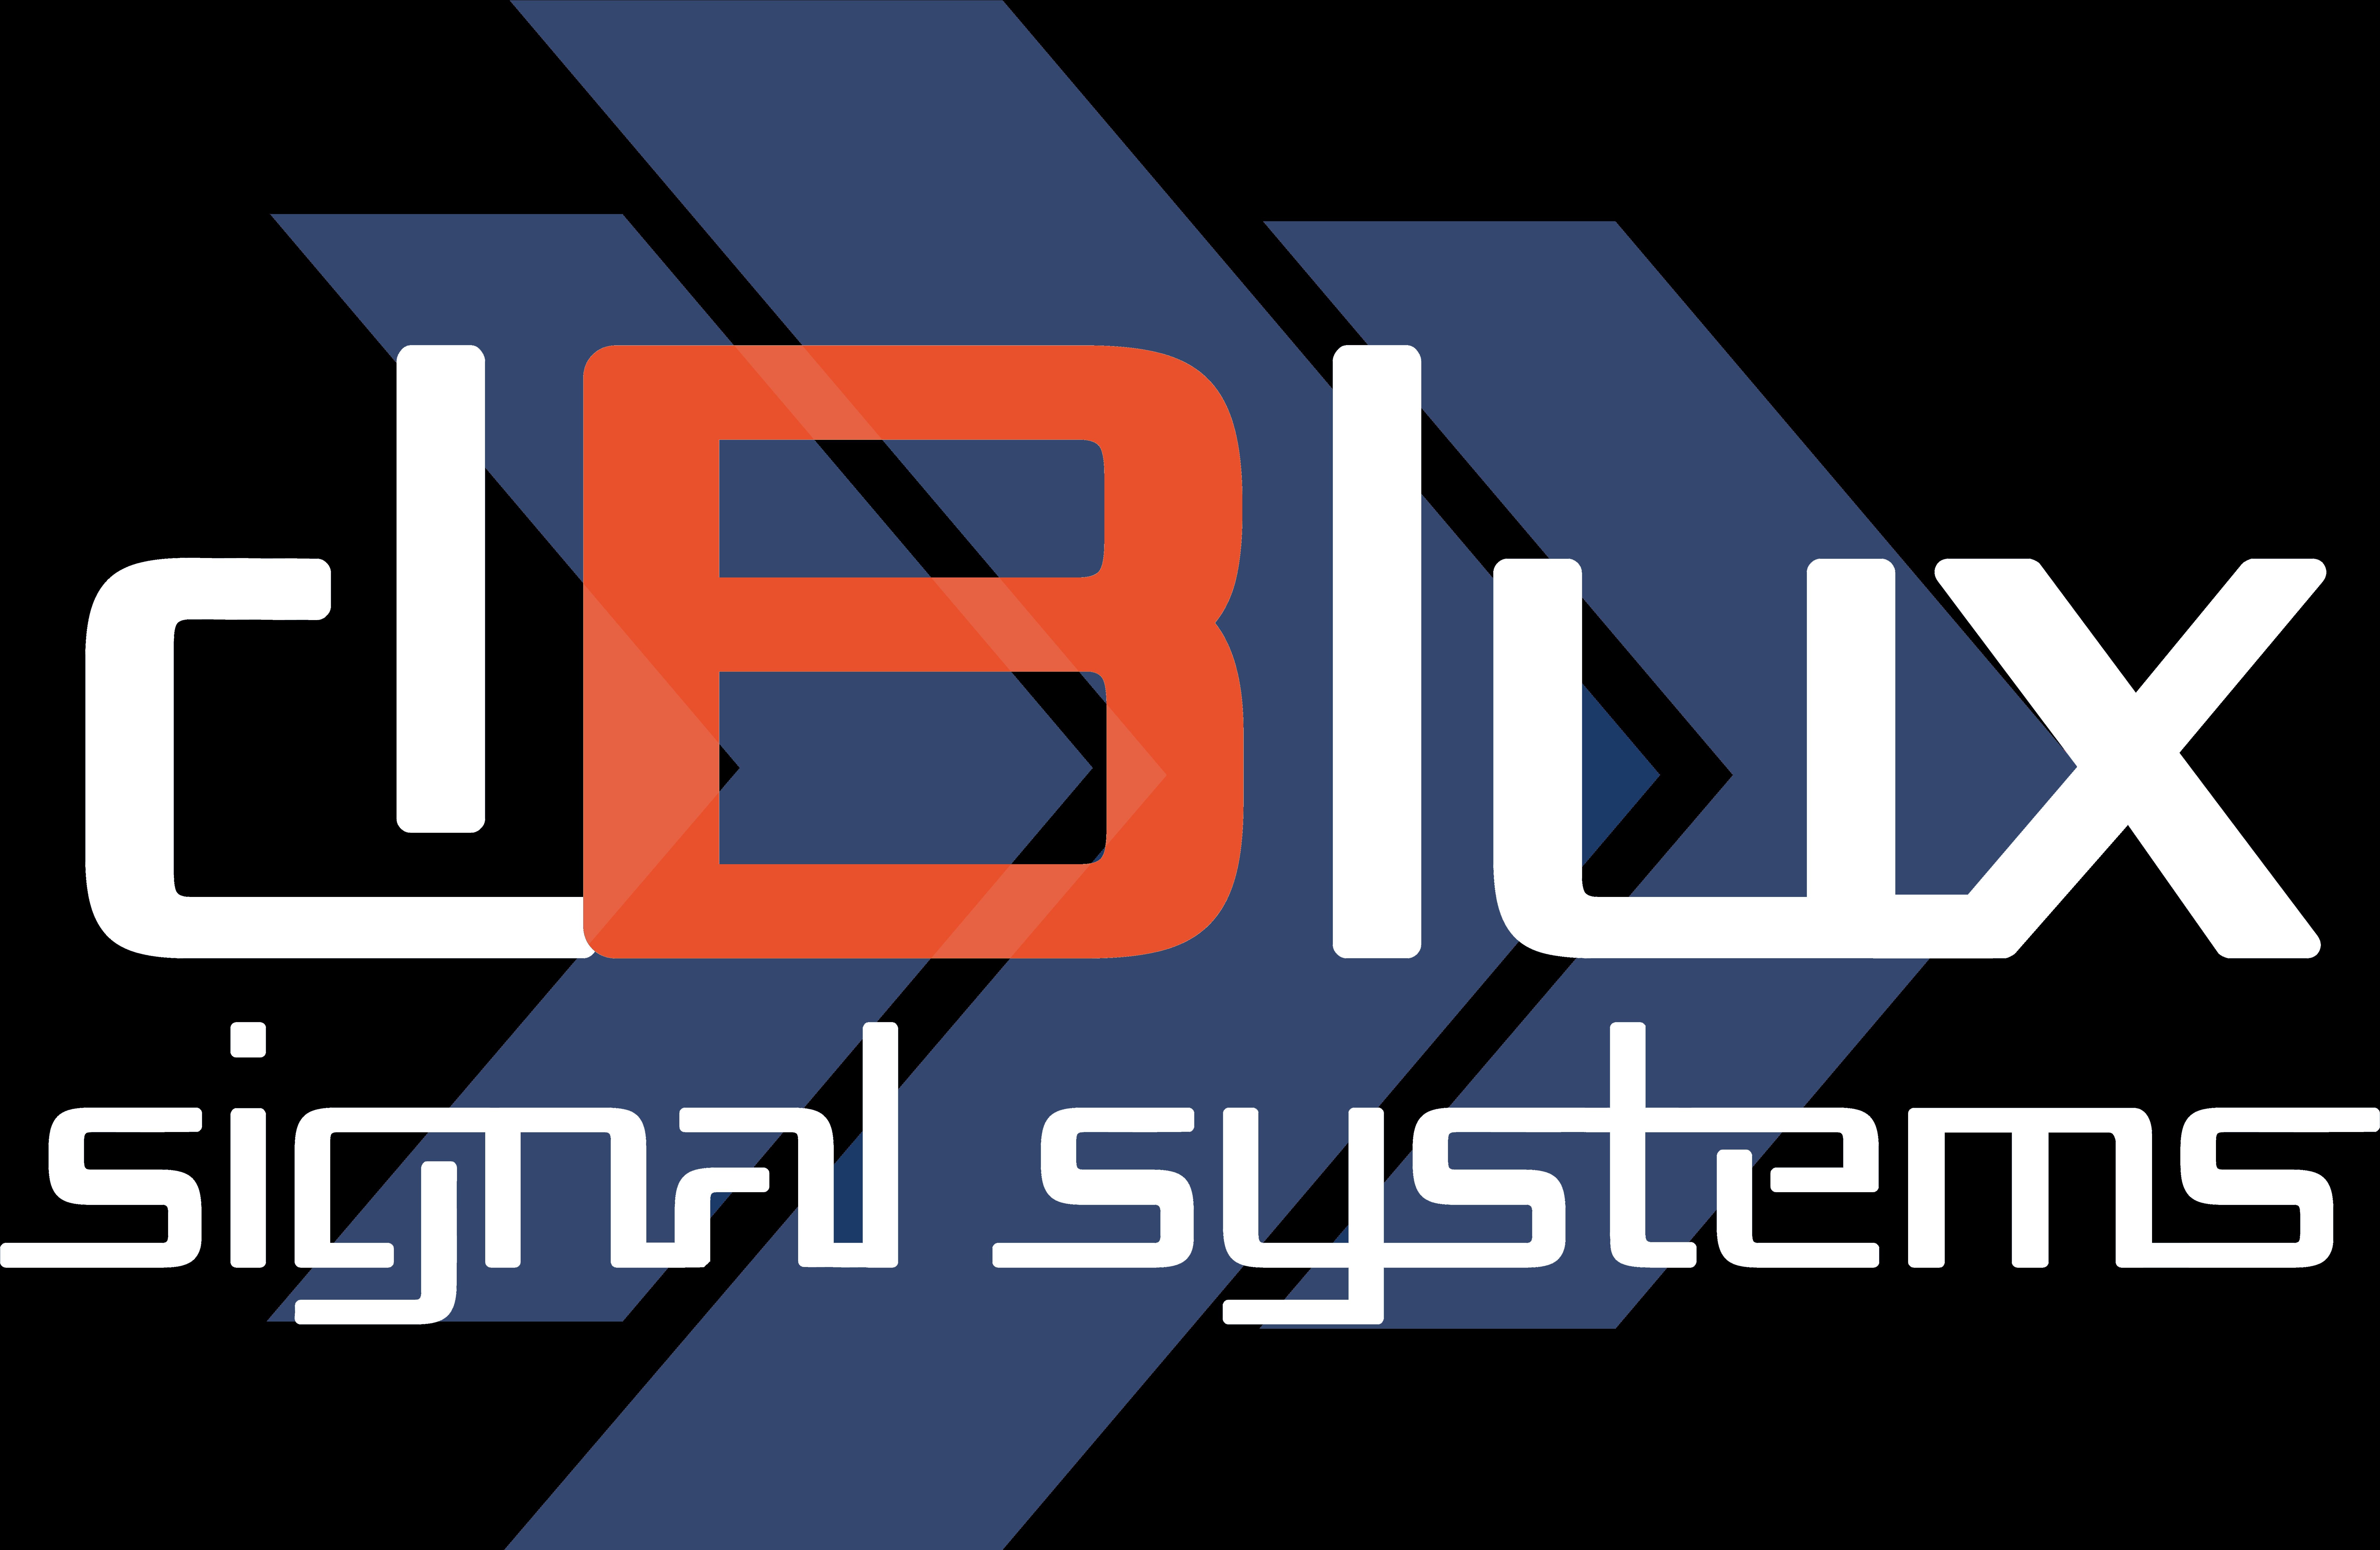 dbluxsignal